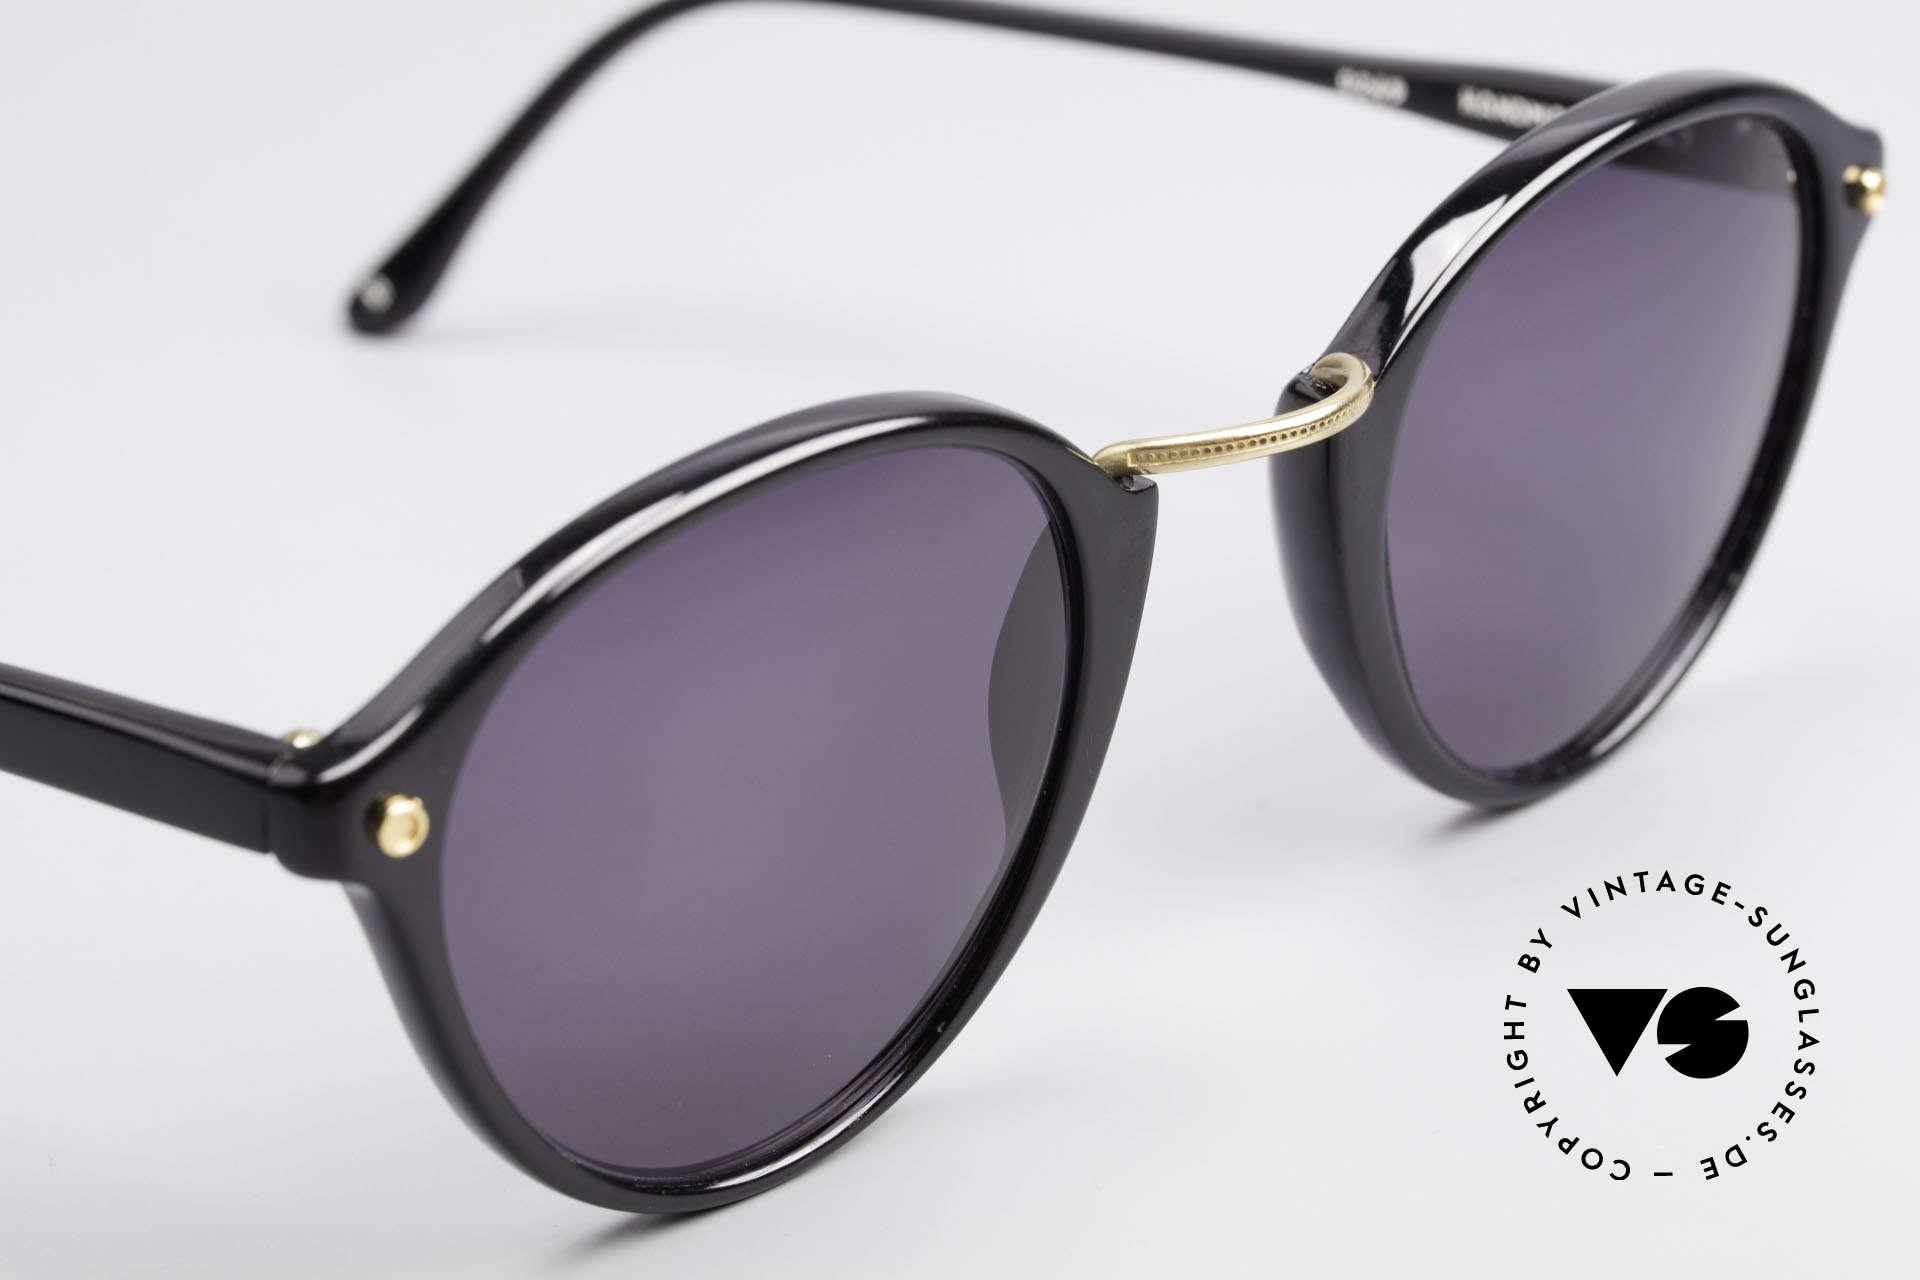 Cutler And Gross 0249 Panto Sonnenbrille Vintage, KEINE Retrobrille, sondern ein 20 Jahre altes Original!, Passend für Herren und Damen